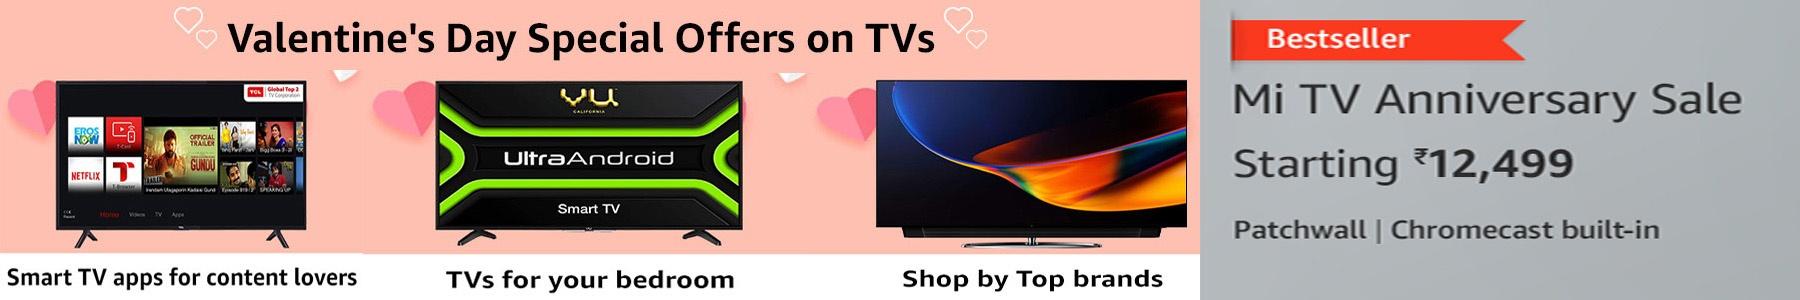 mi tv sale live